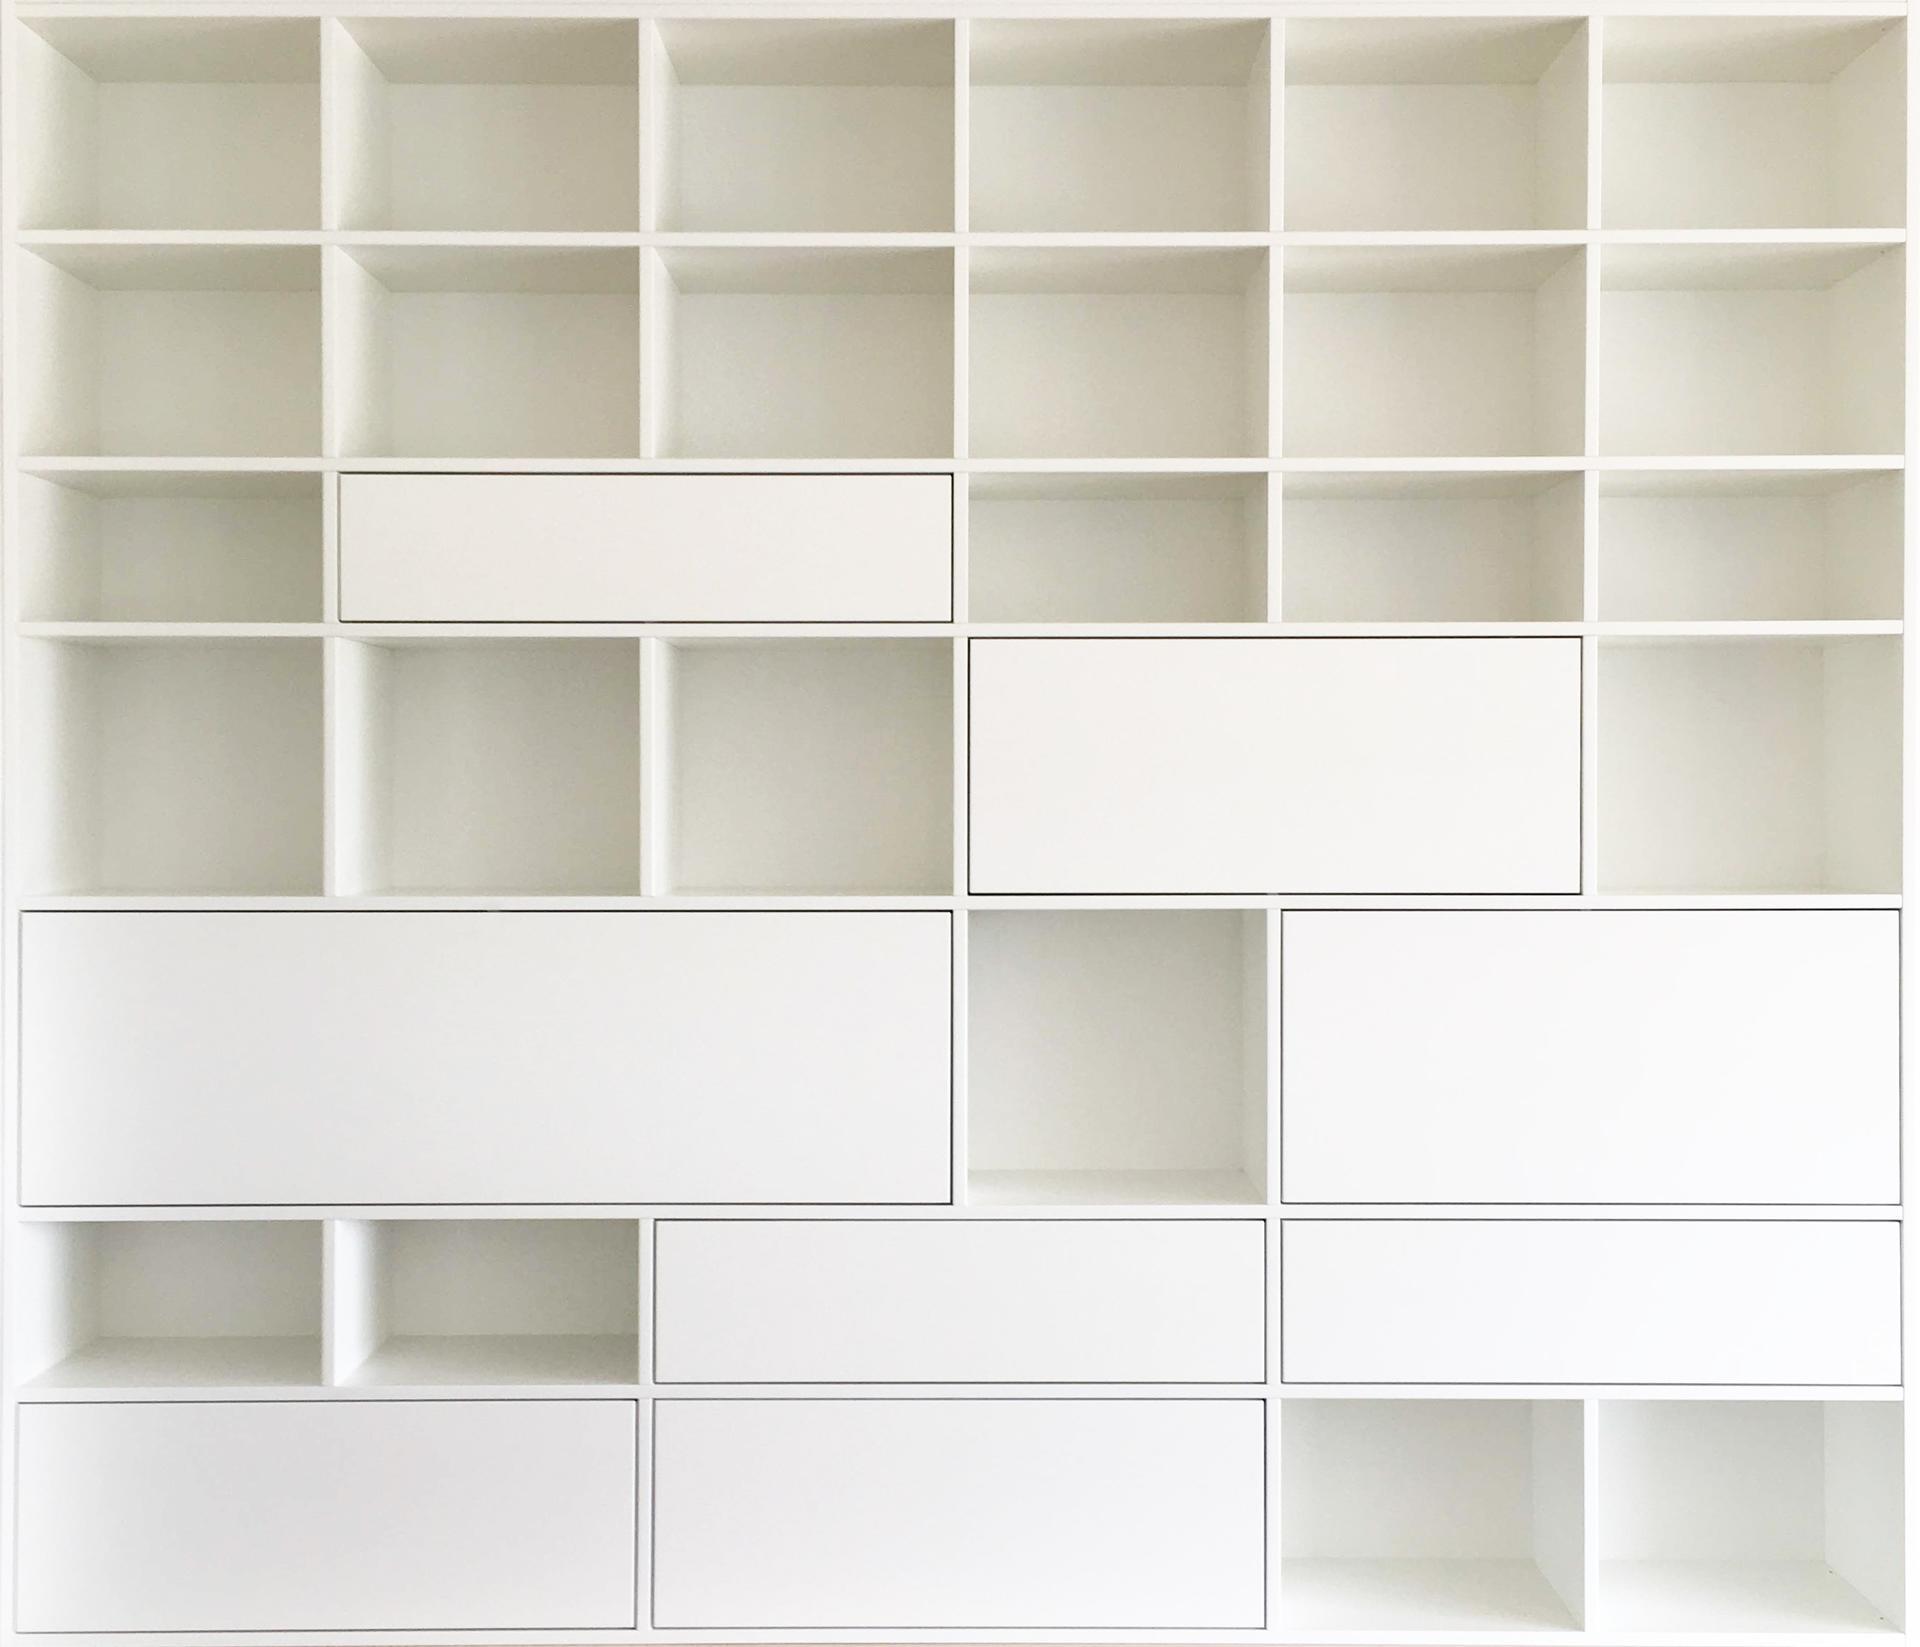 Dizajn a výroba nábytku na mieru Cubica - Vstavaná knižnica - MDF lakovaná biela matná - dizajn a výroba cubica